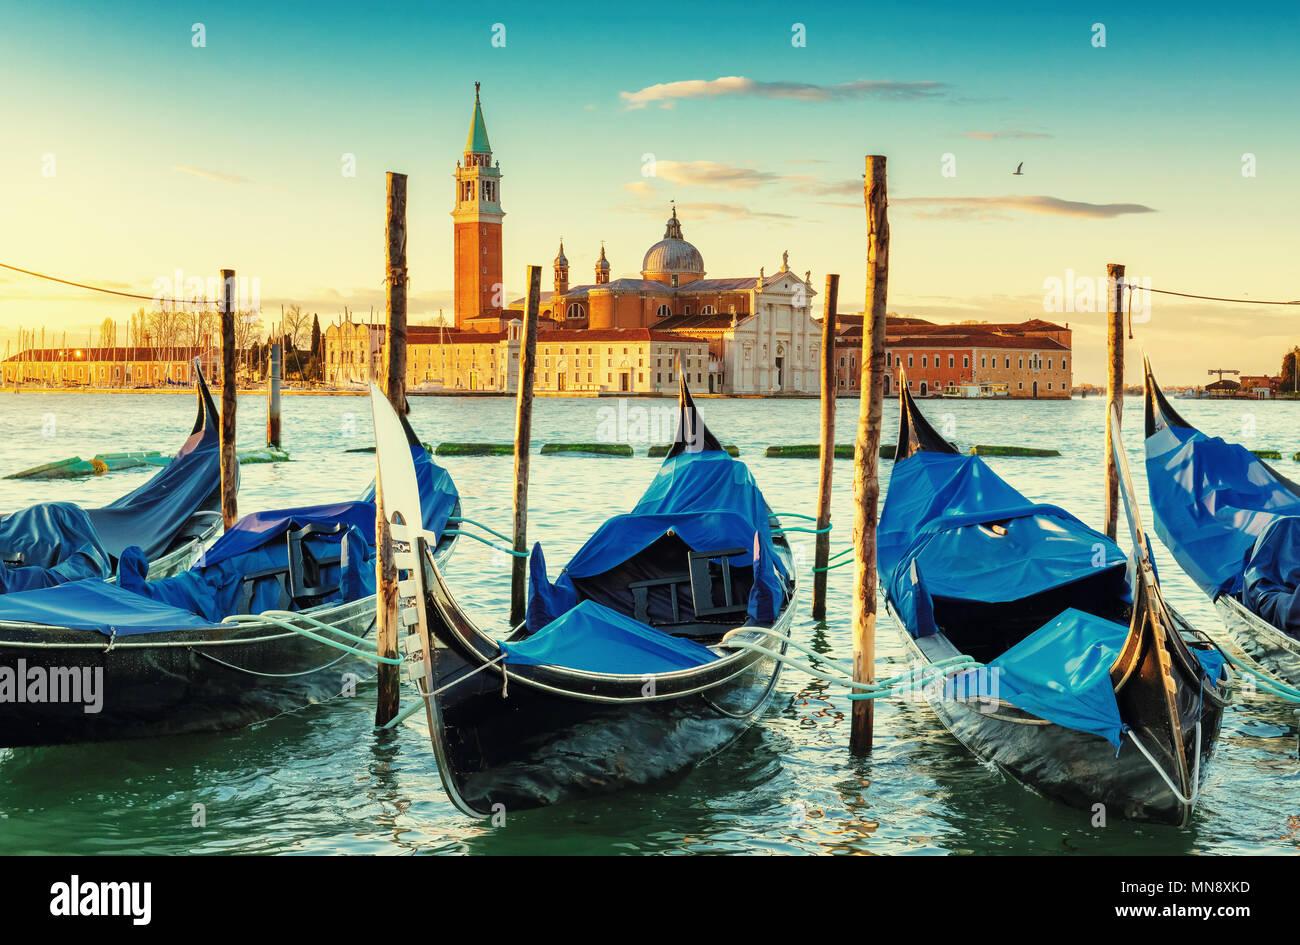 Venedig Gondeln in der Nähe von San Marco Platz bei Sonnenaufgang, Grand Canal, Venice, Italien. Vintage post bearbeitet. Stockbild